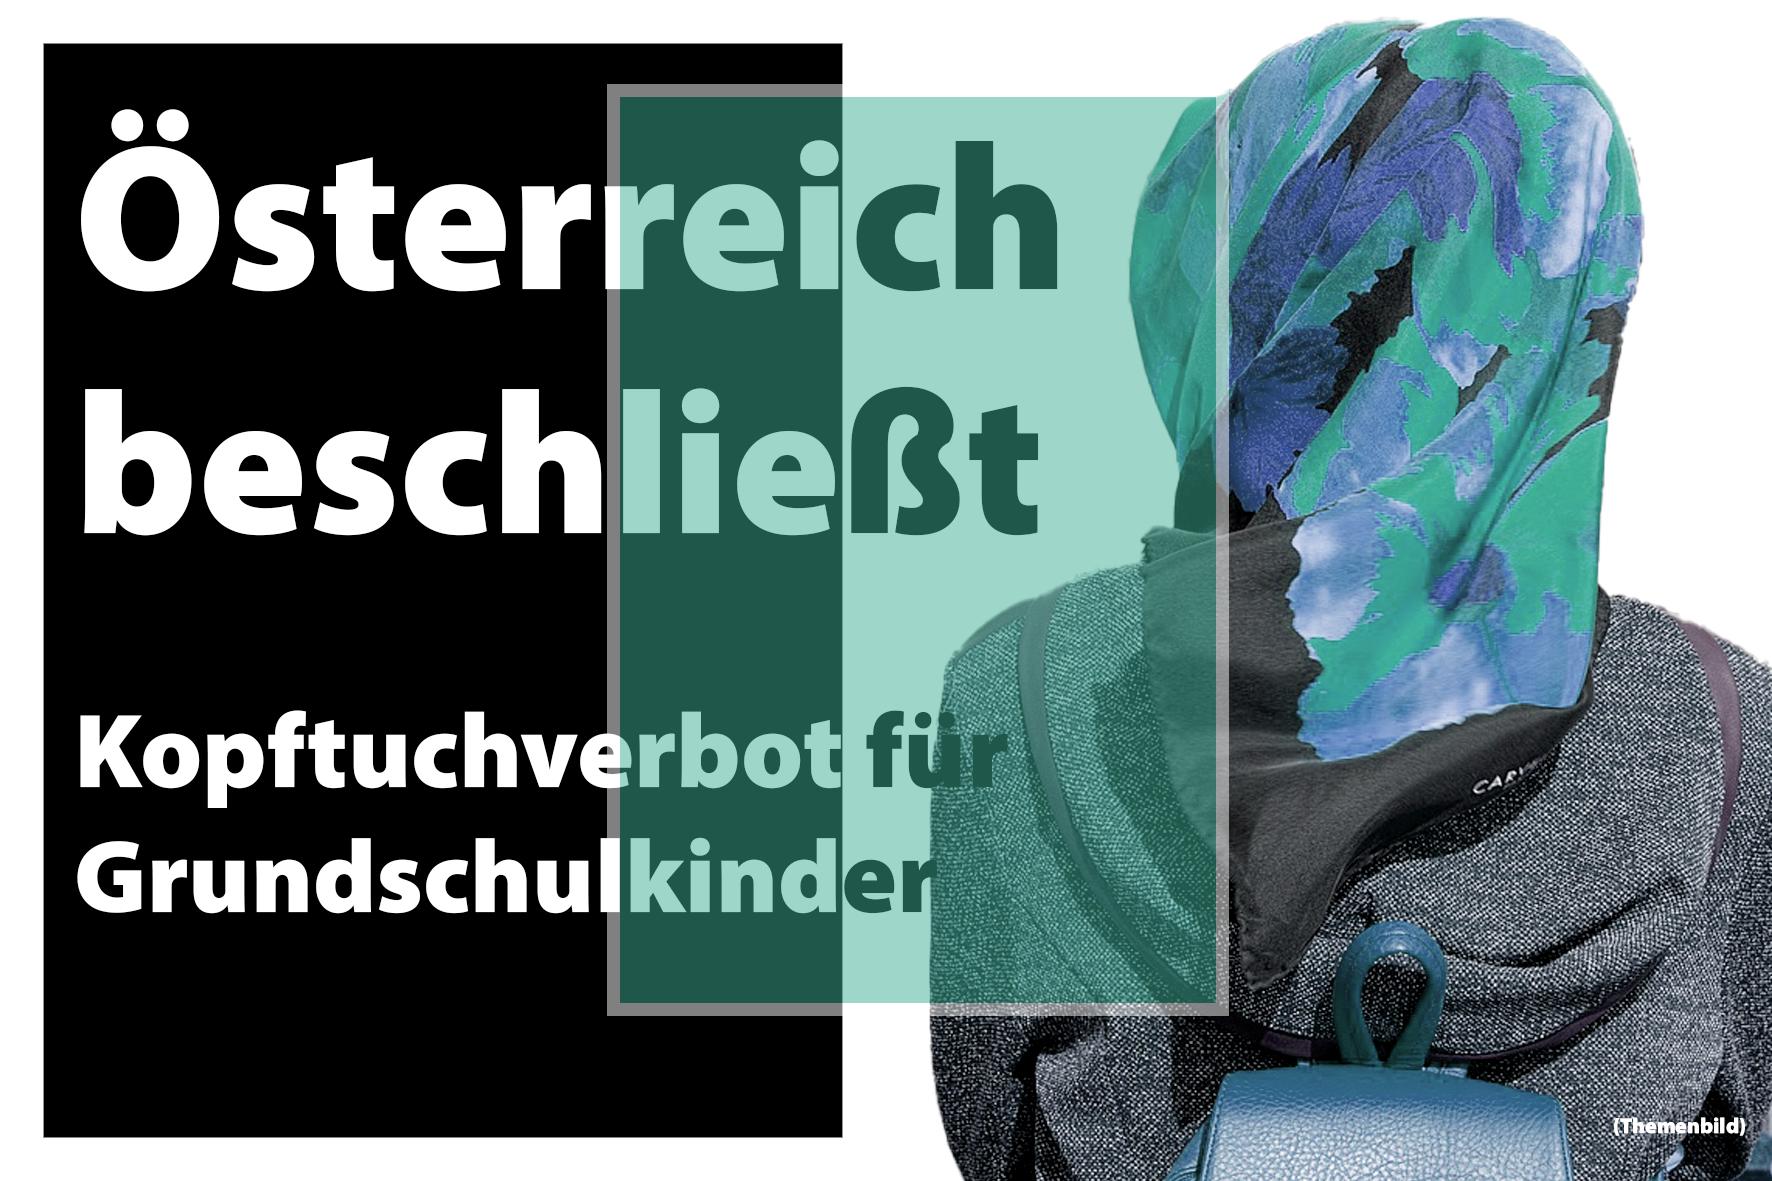 Österreich Kopftuchverbot